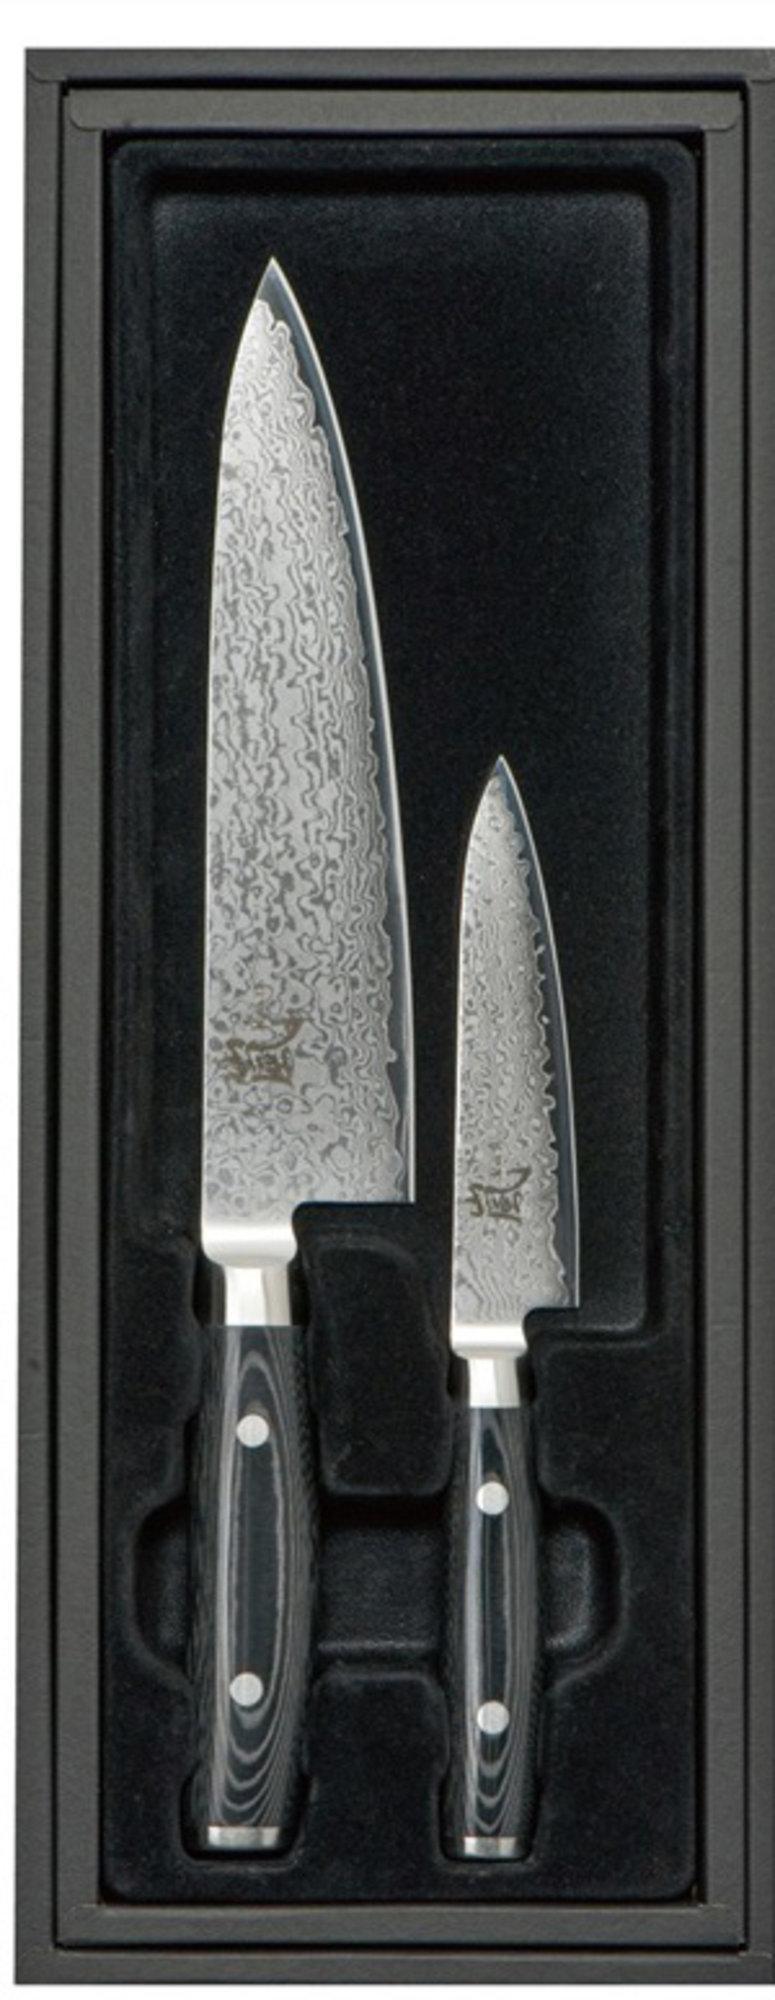 Yaxell RAN Kockkniv 20cm & Allkniv 12cm